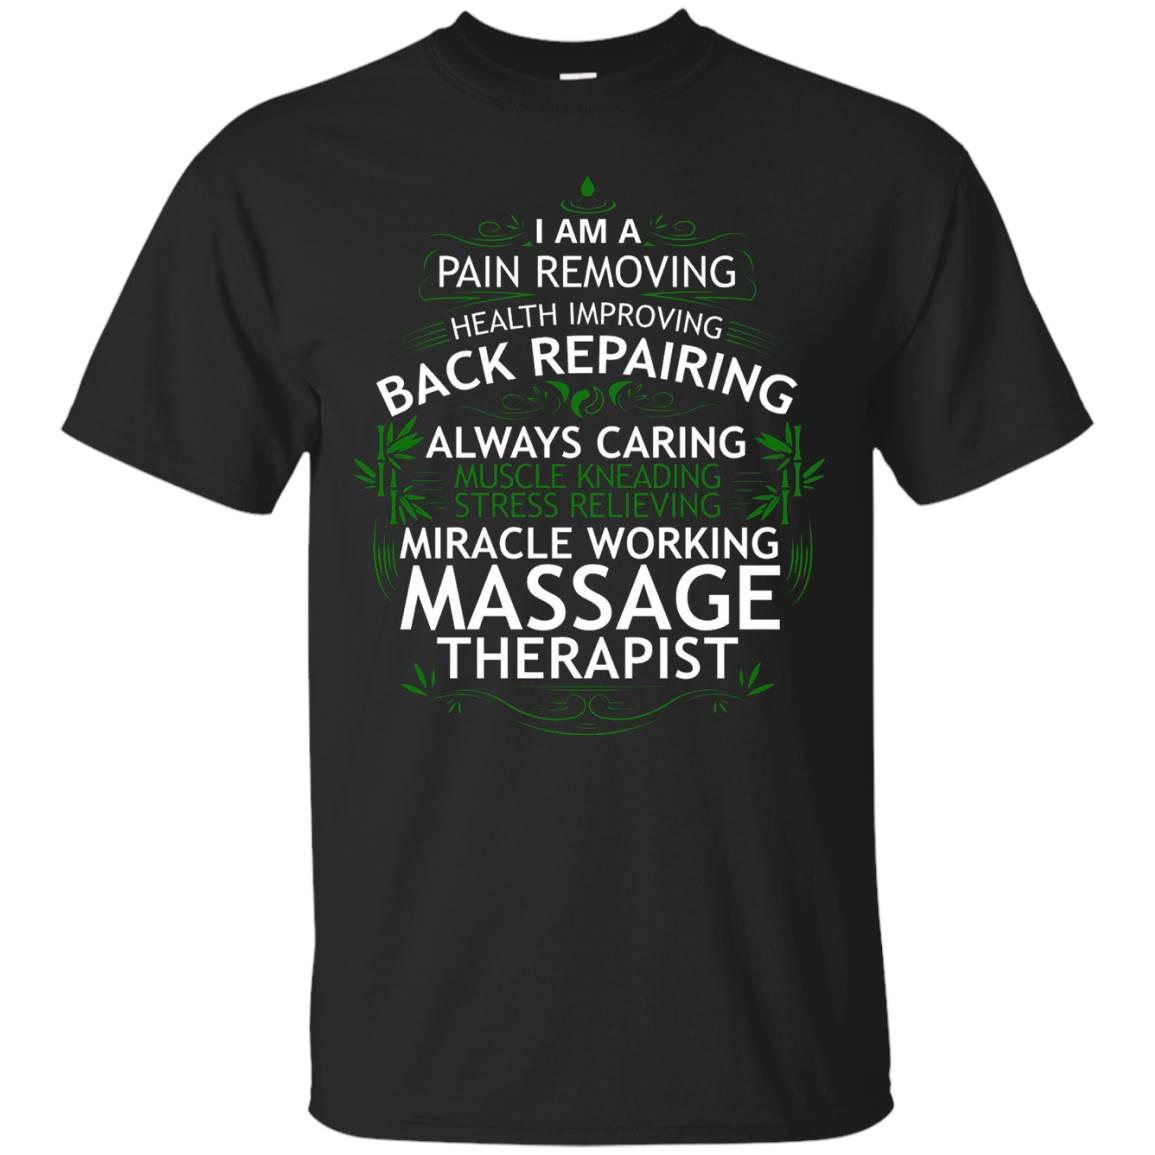 I'm a Massage Therapist T-Shirt